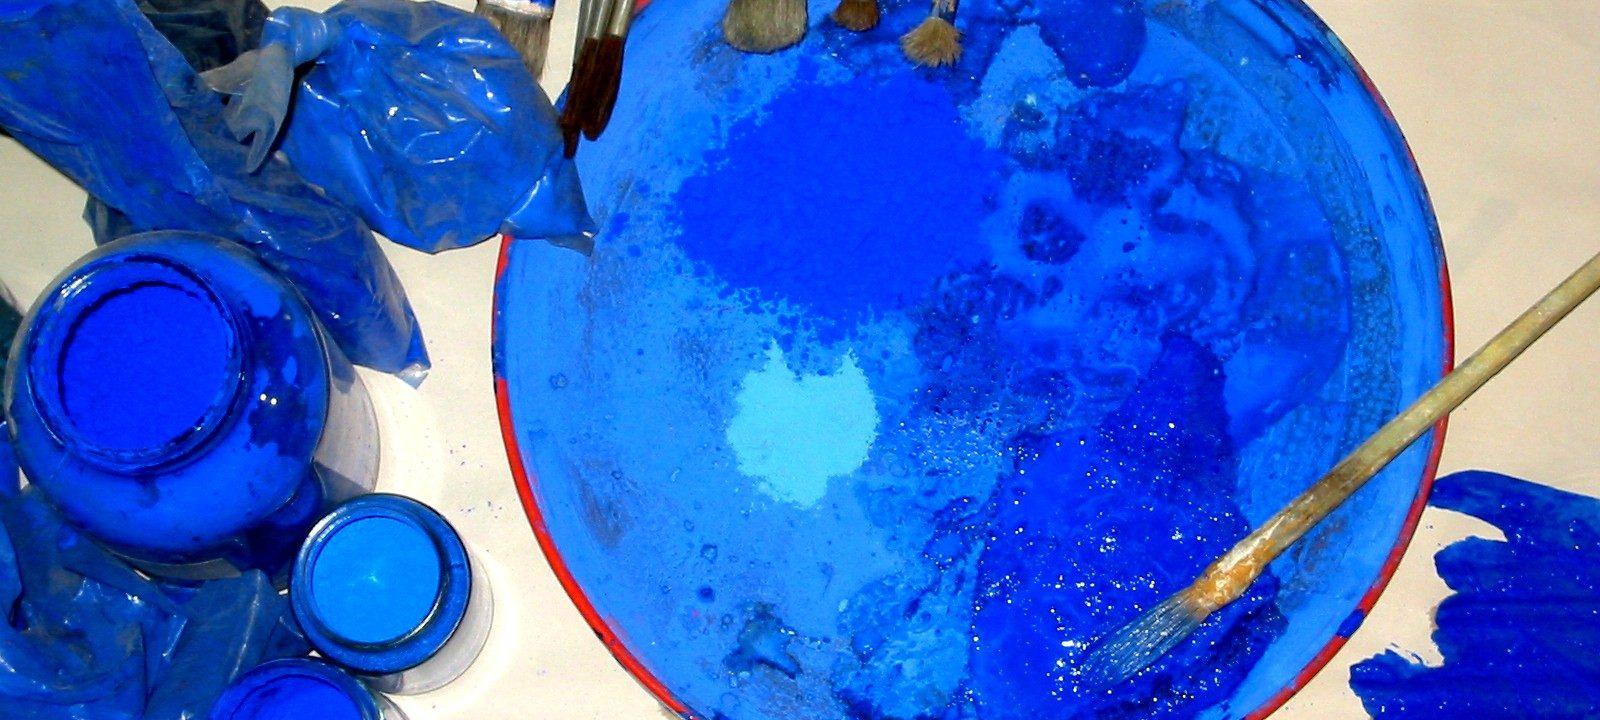 Farbpalette mit verschiedenen Blau-Tönen